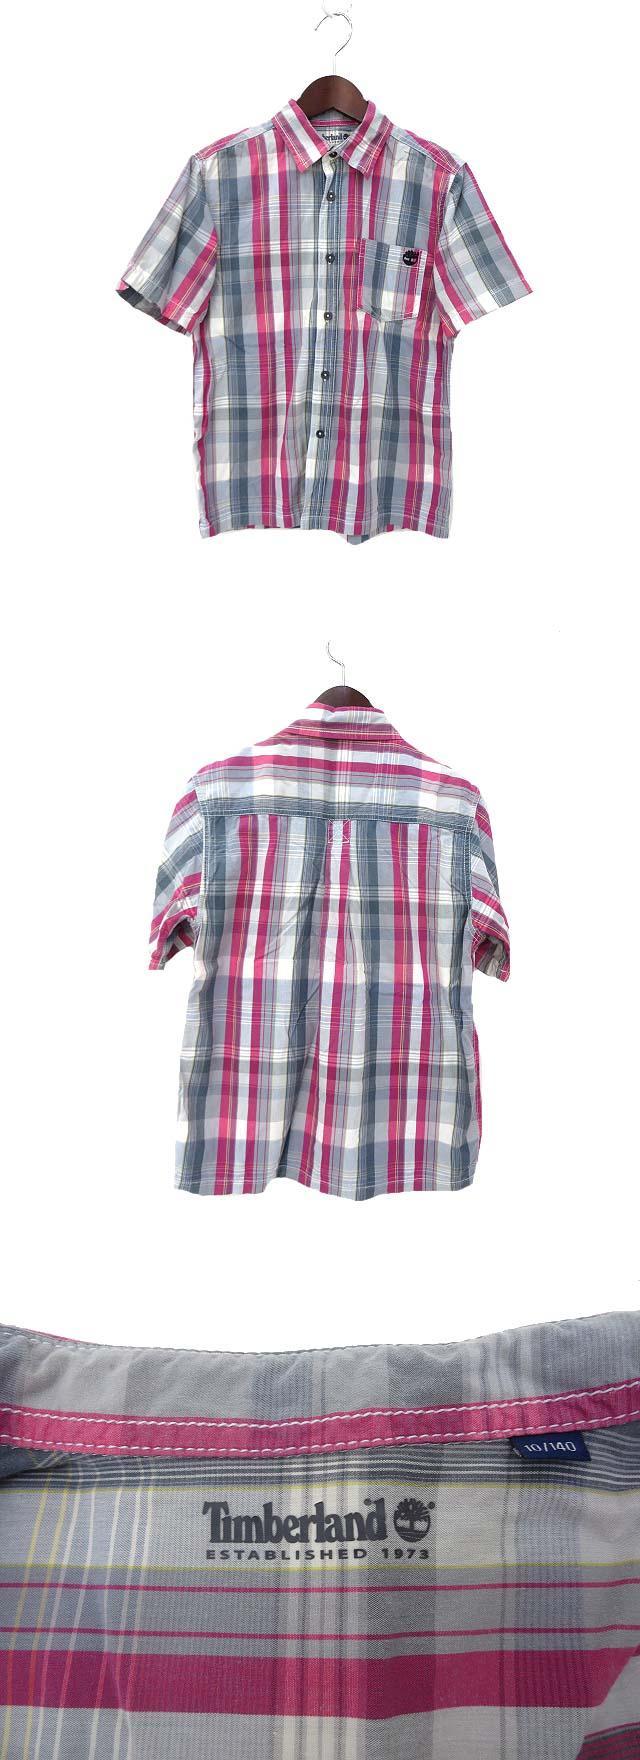 子供服 Timberland ティンバーランド チェック柄 半袖 ロゴ 刺繍 シャツ 140 グレー ピンク